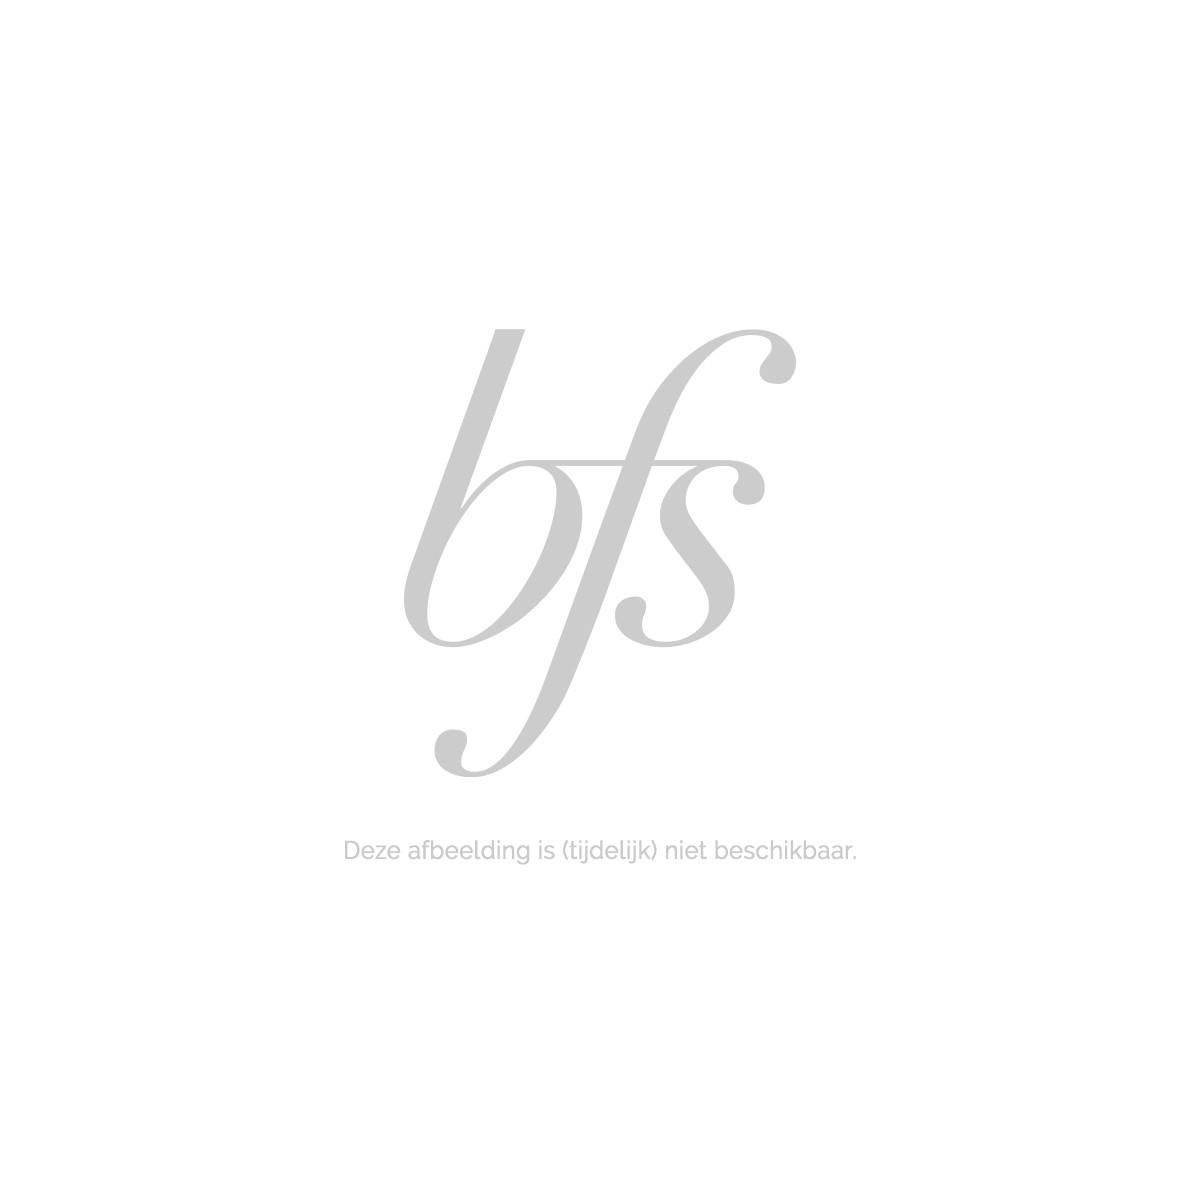 Elie Saab Le Parfum Leau Couture Eau de Toilette 30 ml